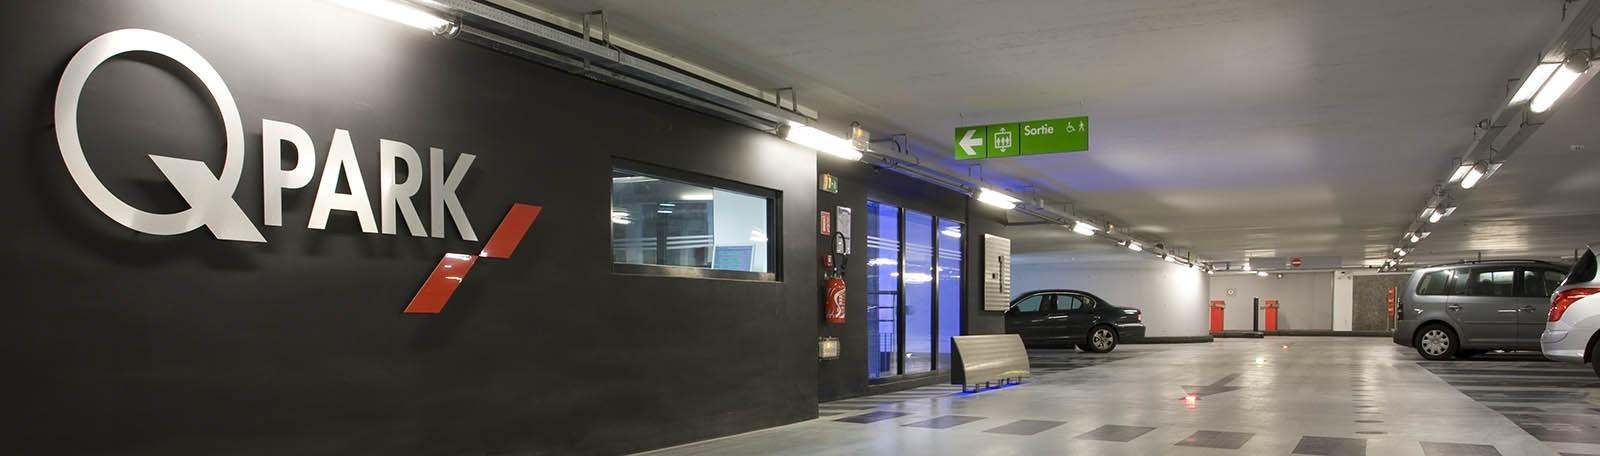 Q-Park University - Rue Toussaint Louverture 93200 Saint-Denis